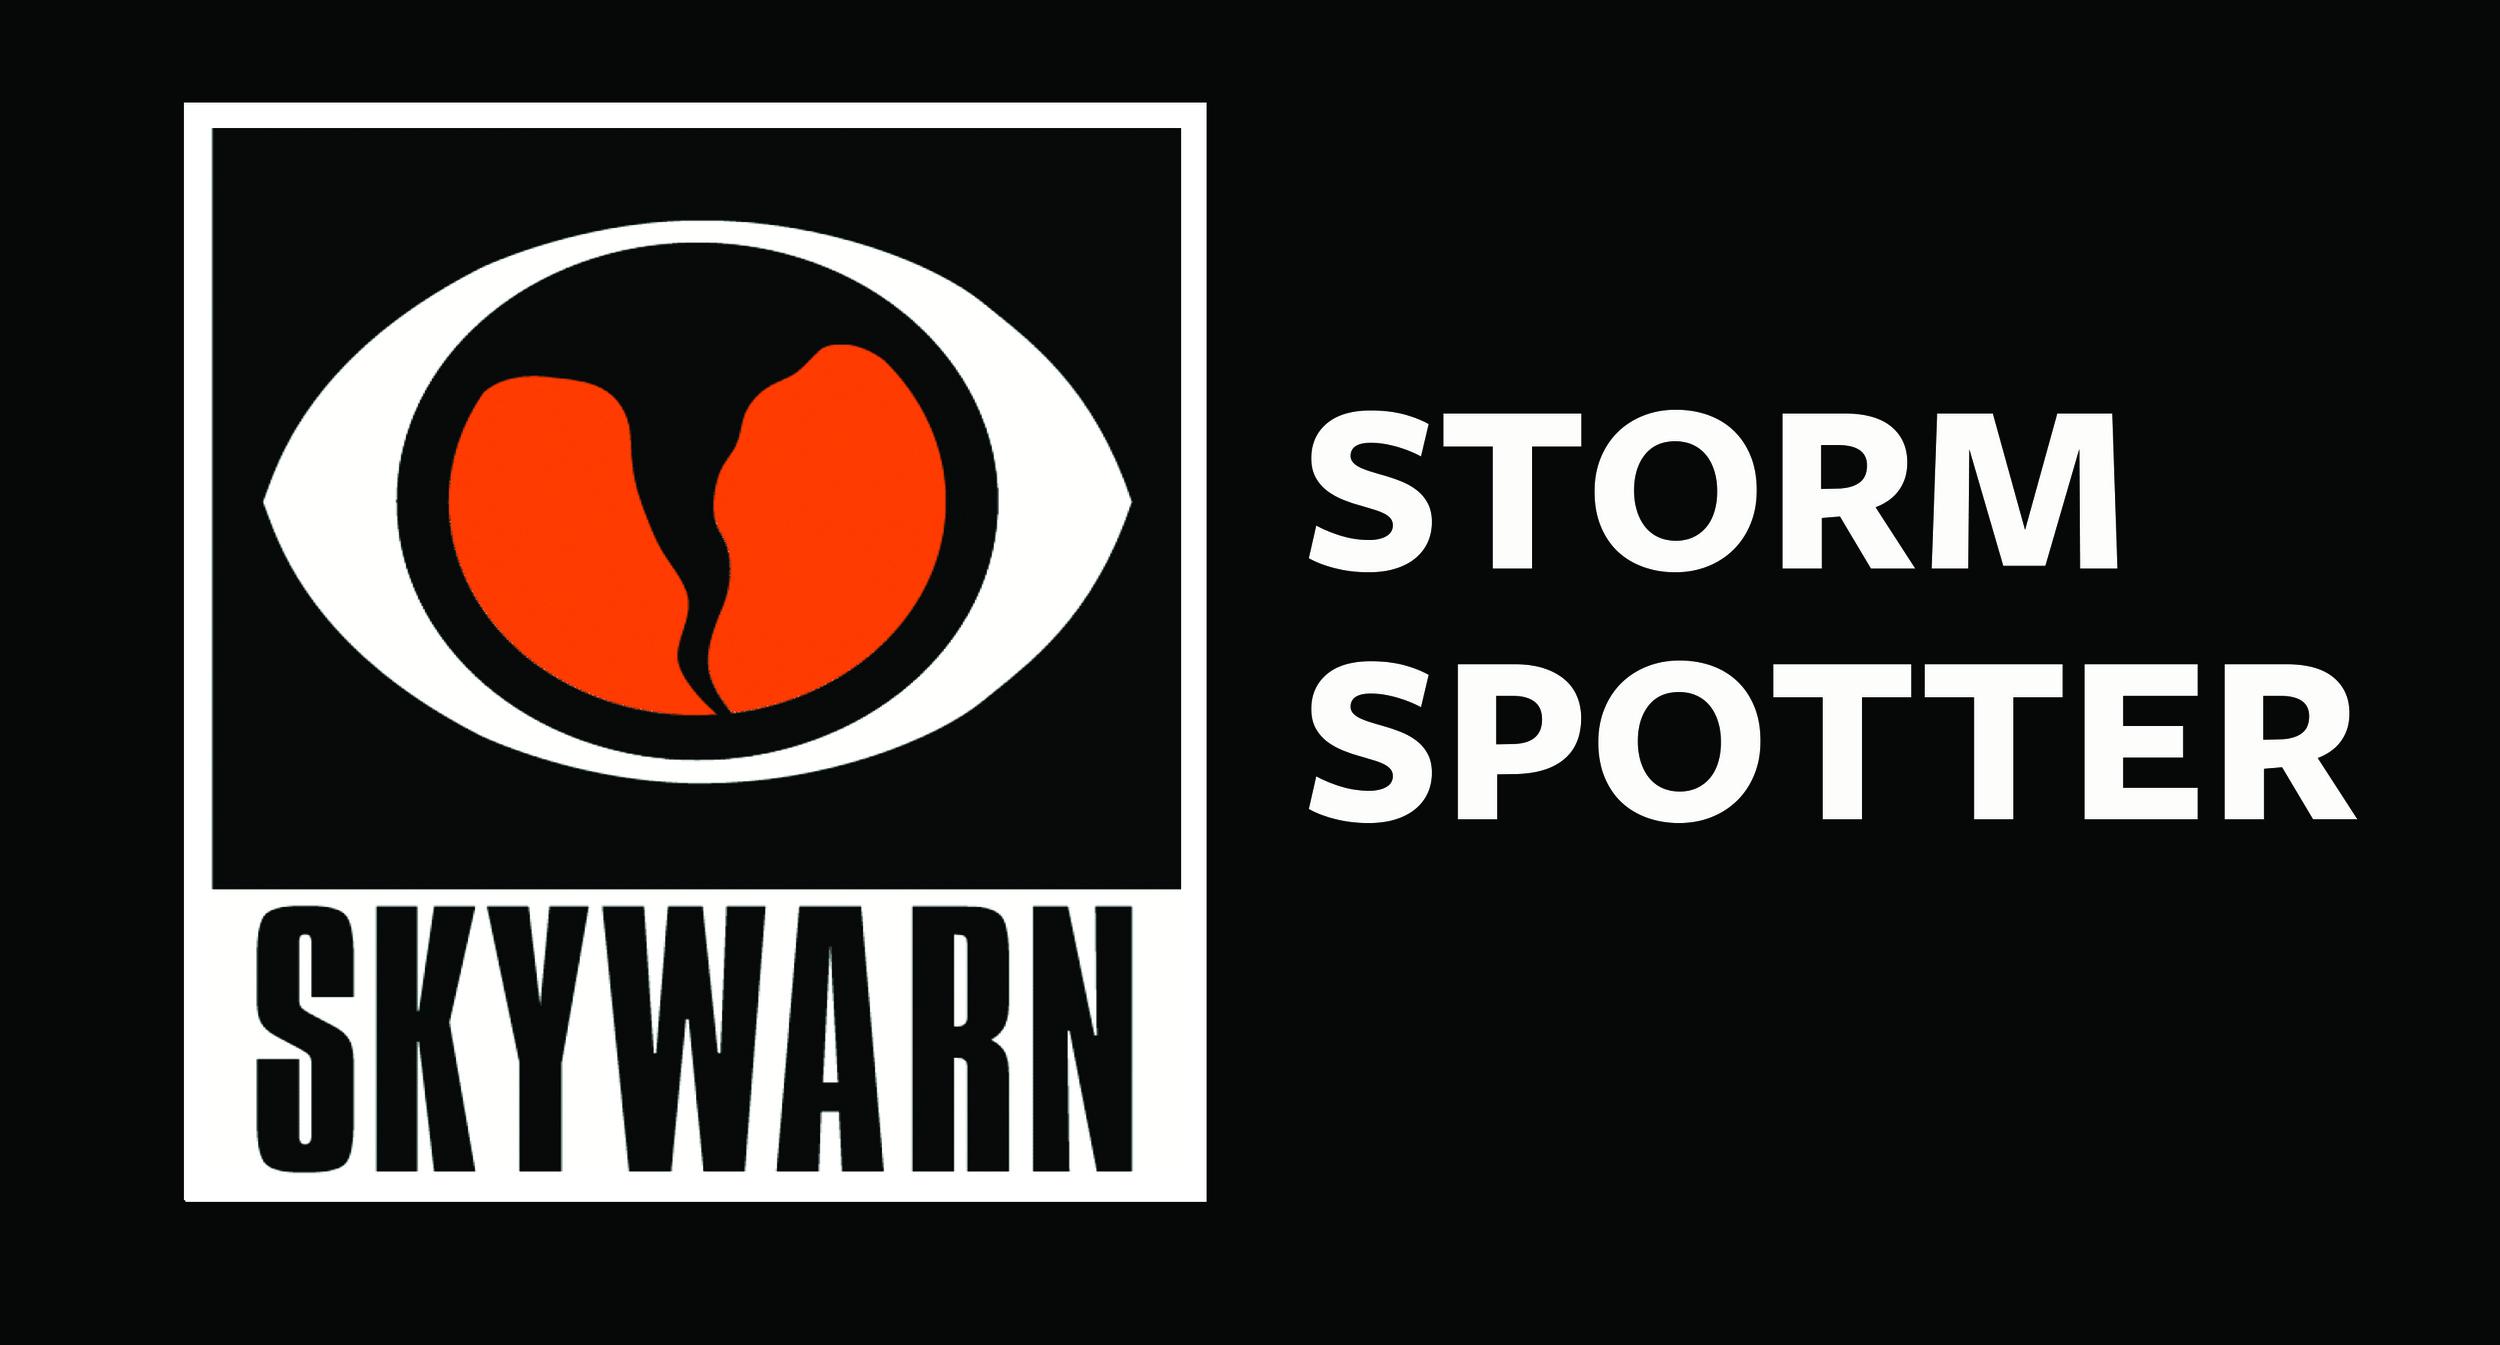 Certified SKYWARN Storm Spotter. Learn more at  www.skywarn.org